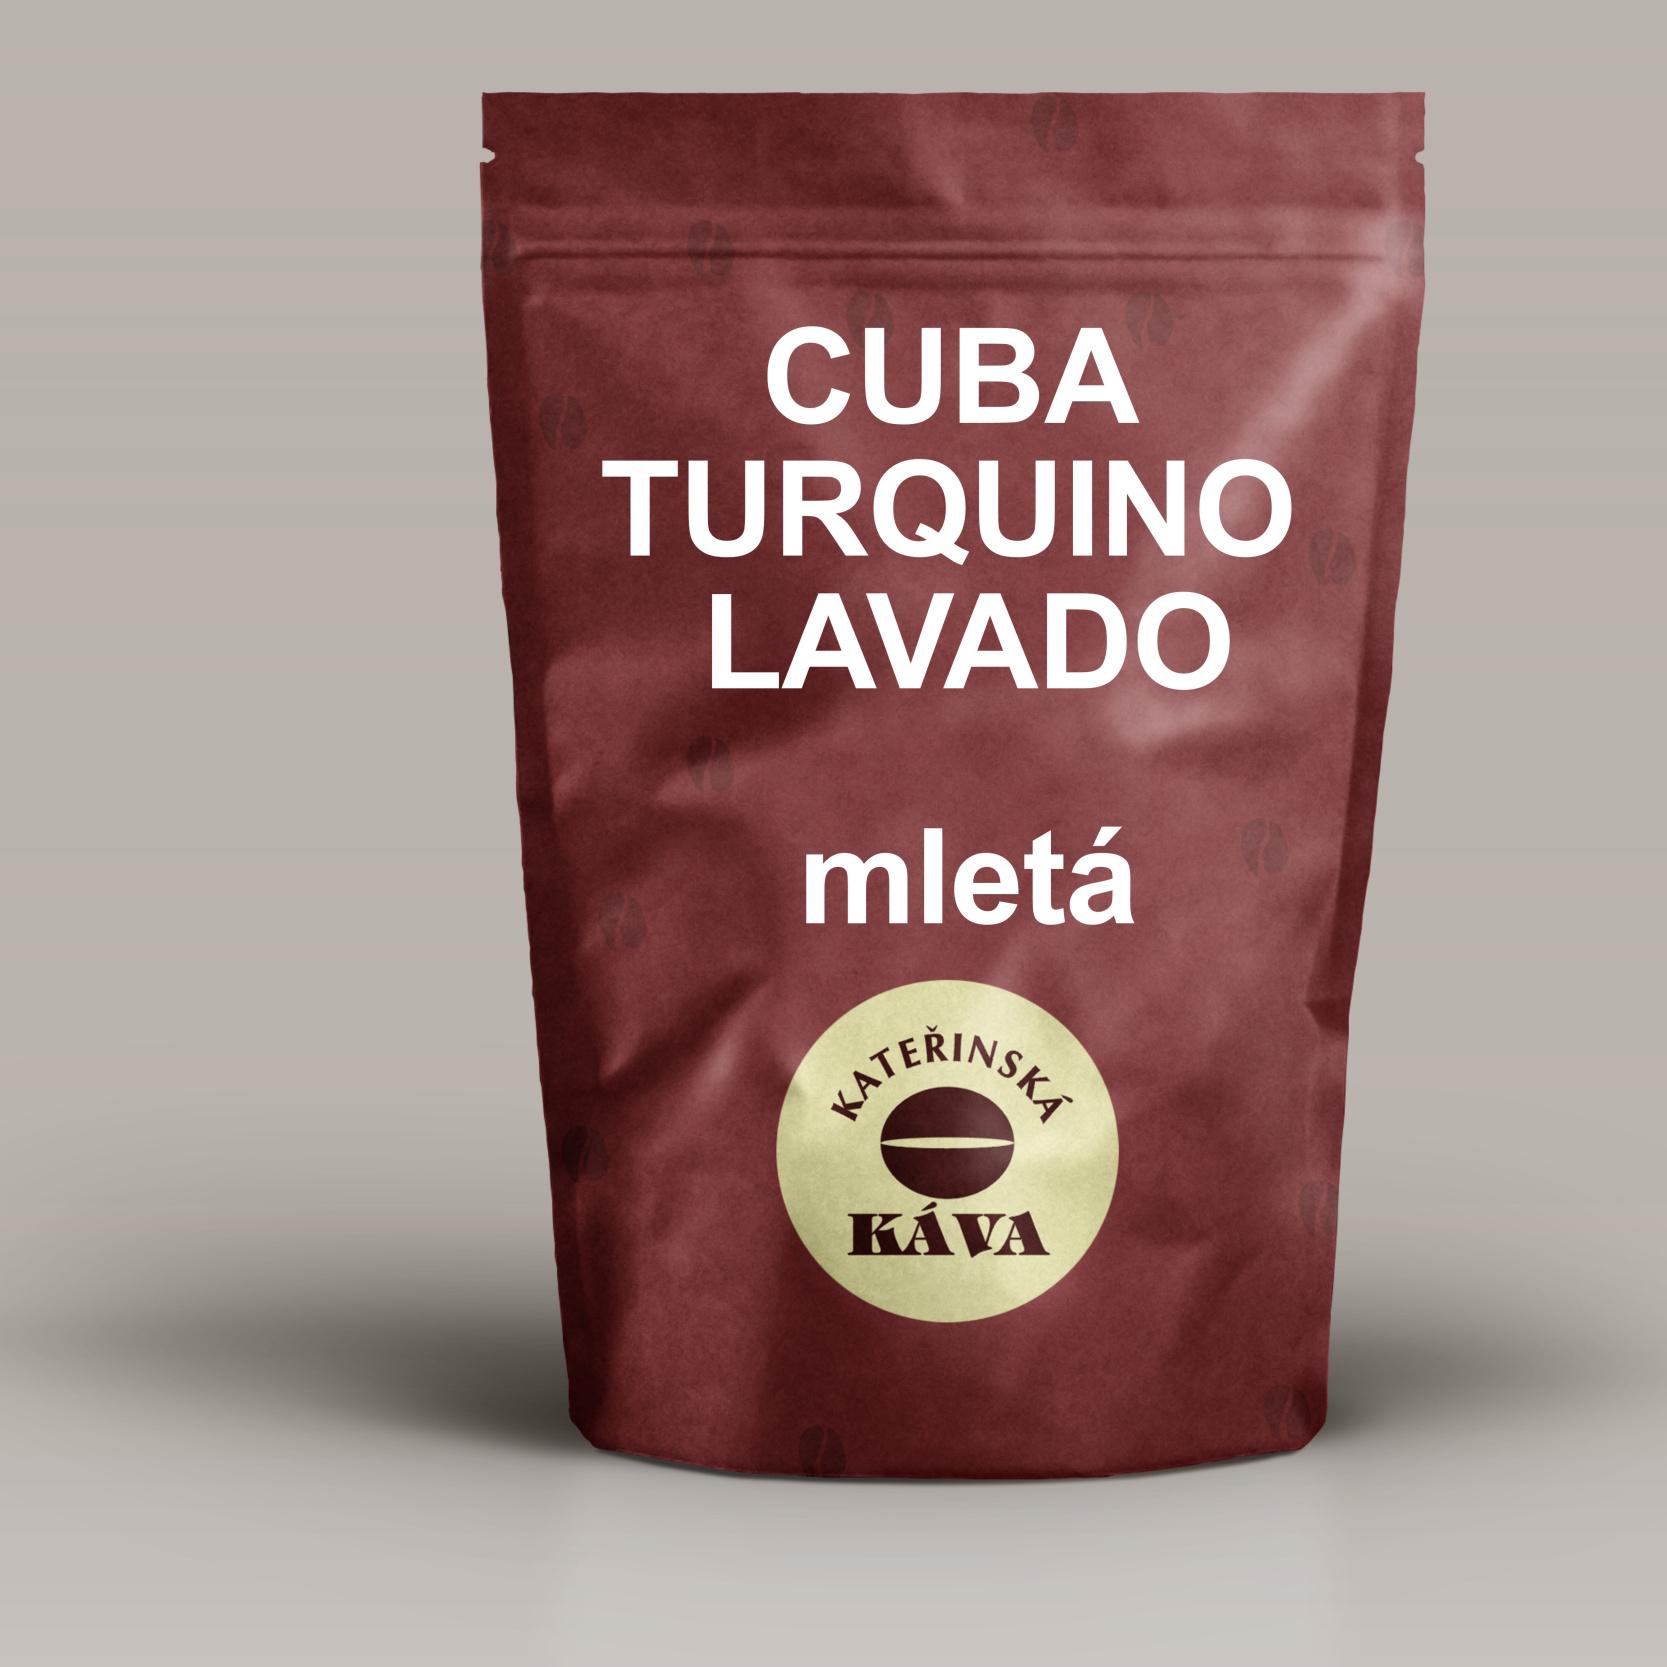 CUBA TURQUINO LAVADO -mletá